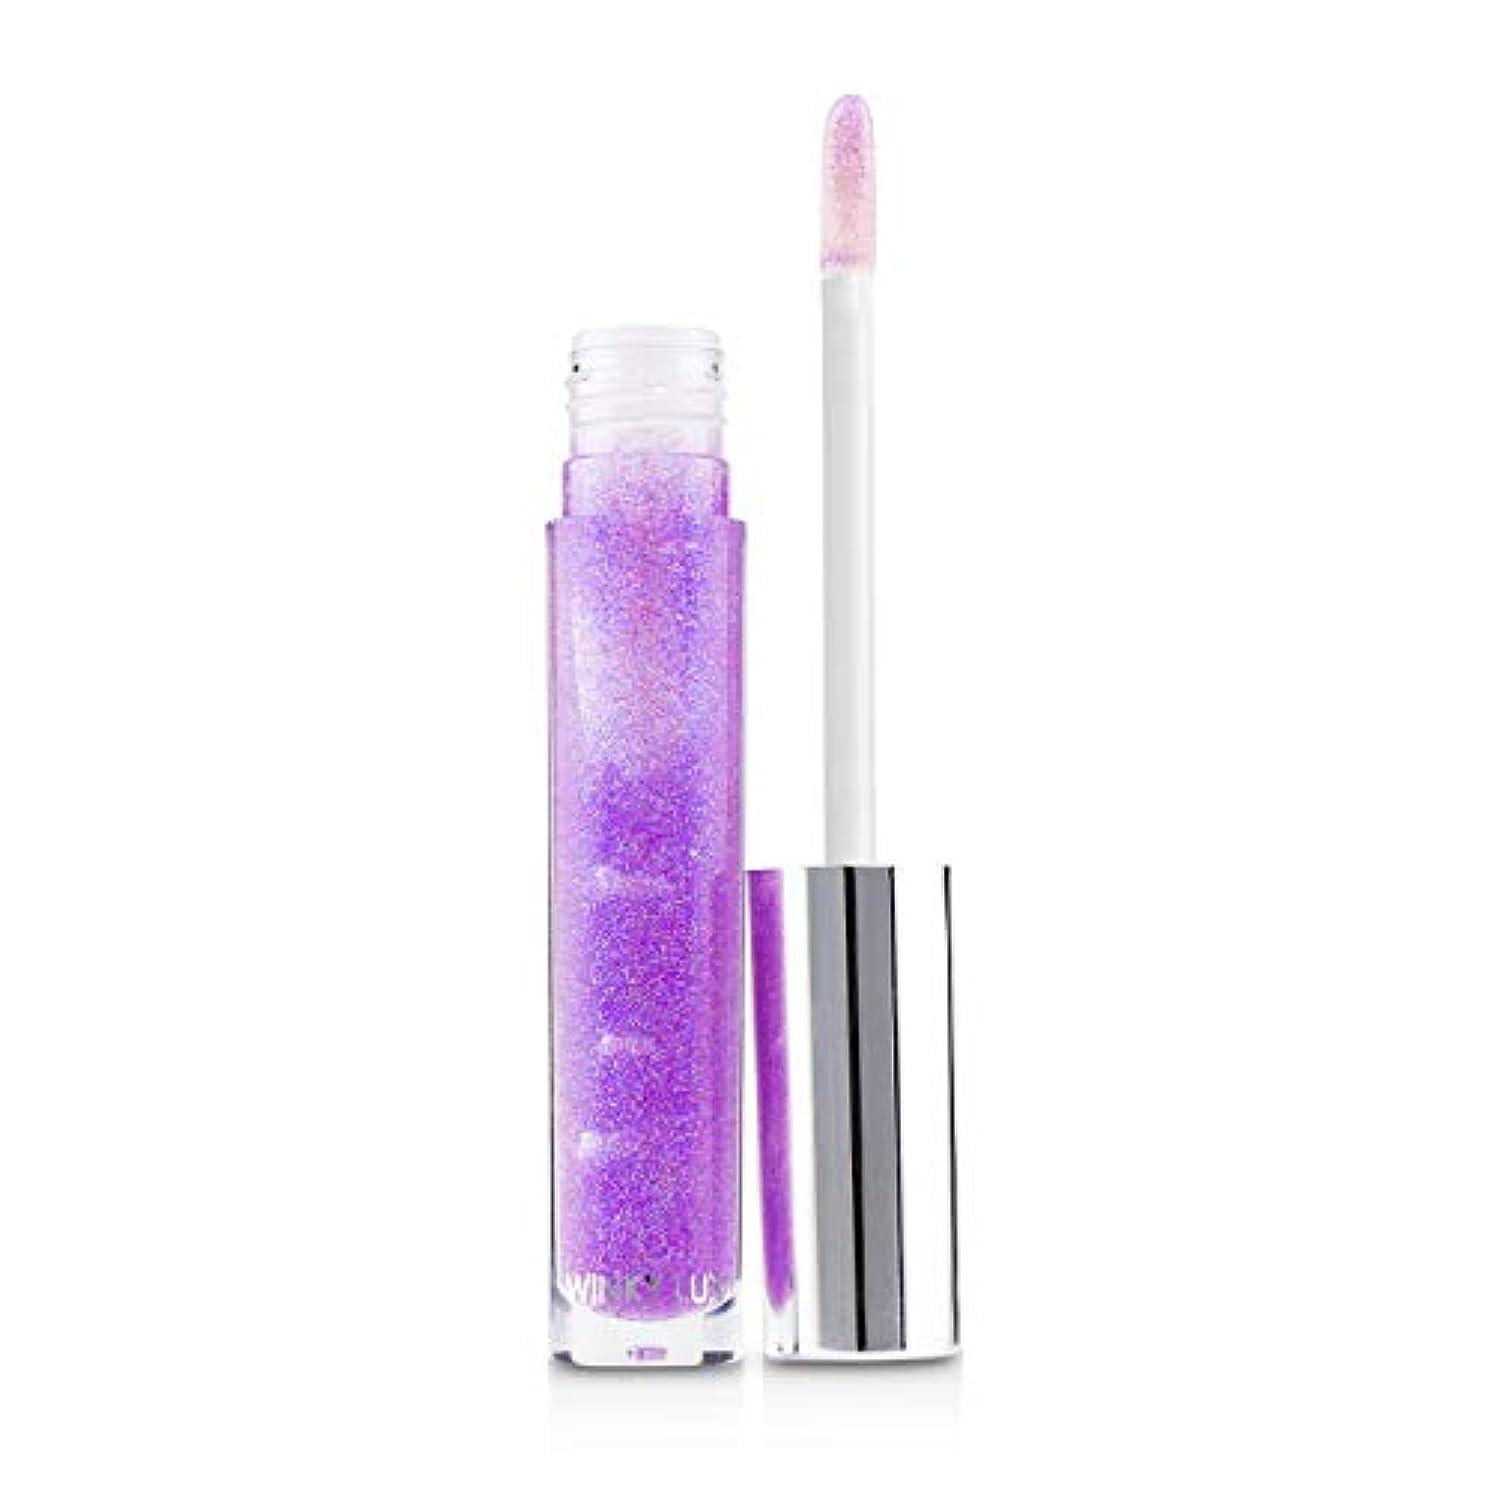 安心させるカリキュラム魅惑的なWinky Lux Disco Lip Gloss - # Night Ferver (Lavander) 4g/0.14oz並行輸入品